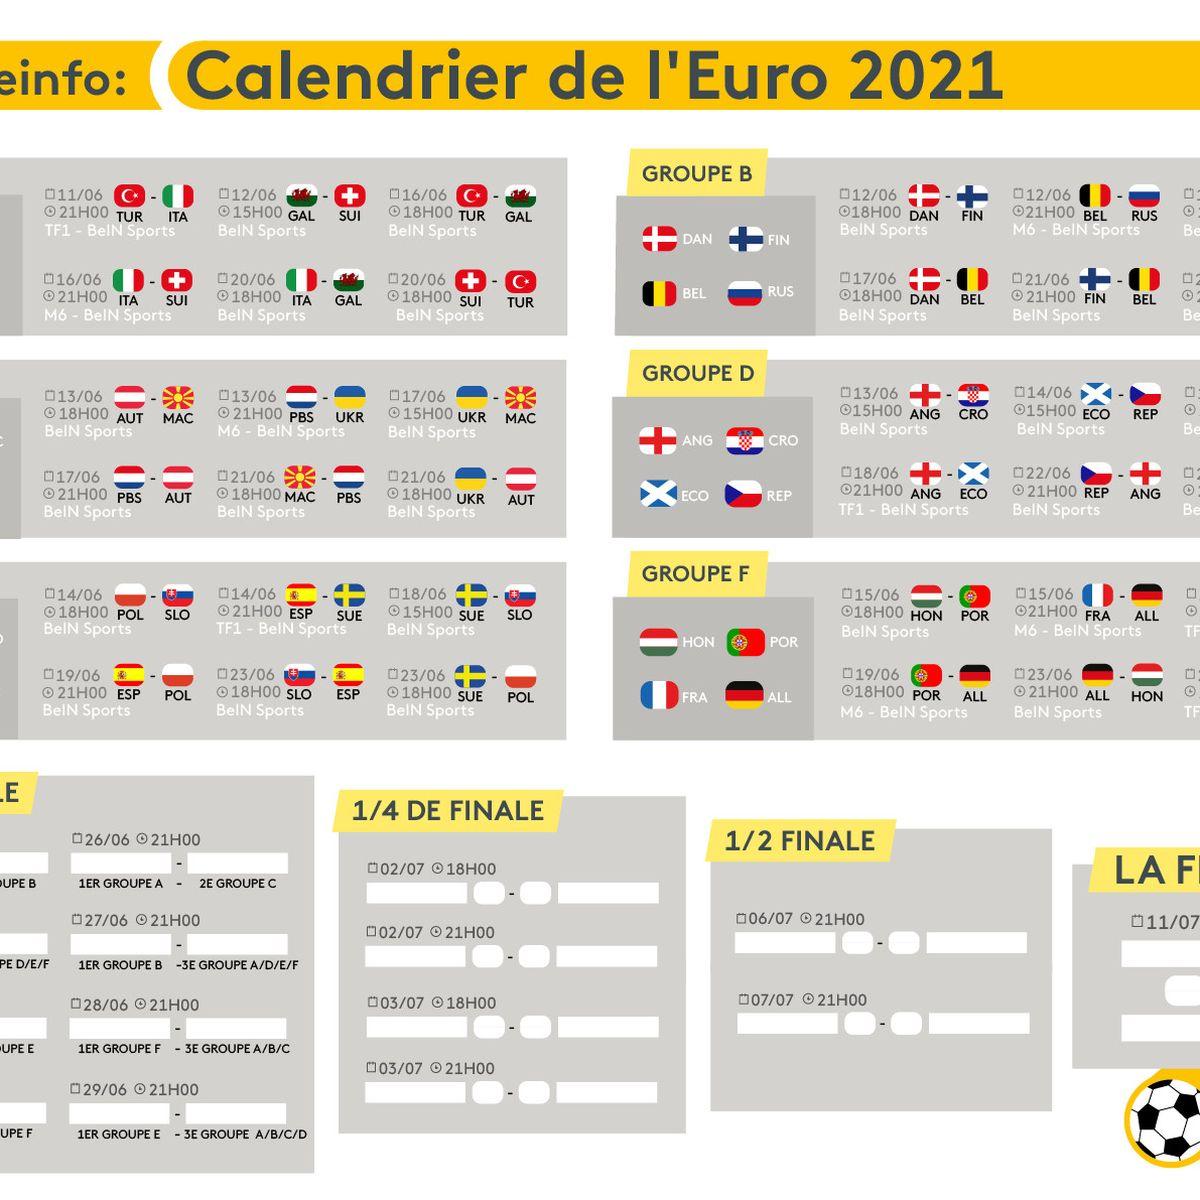 prochaine rencontre euro 2021